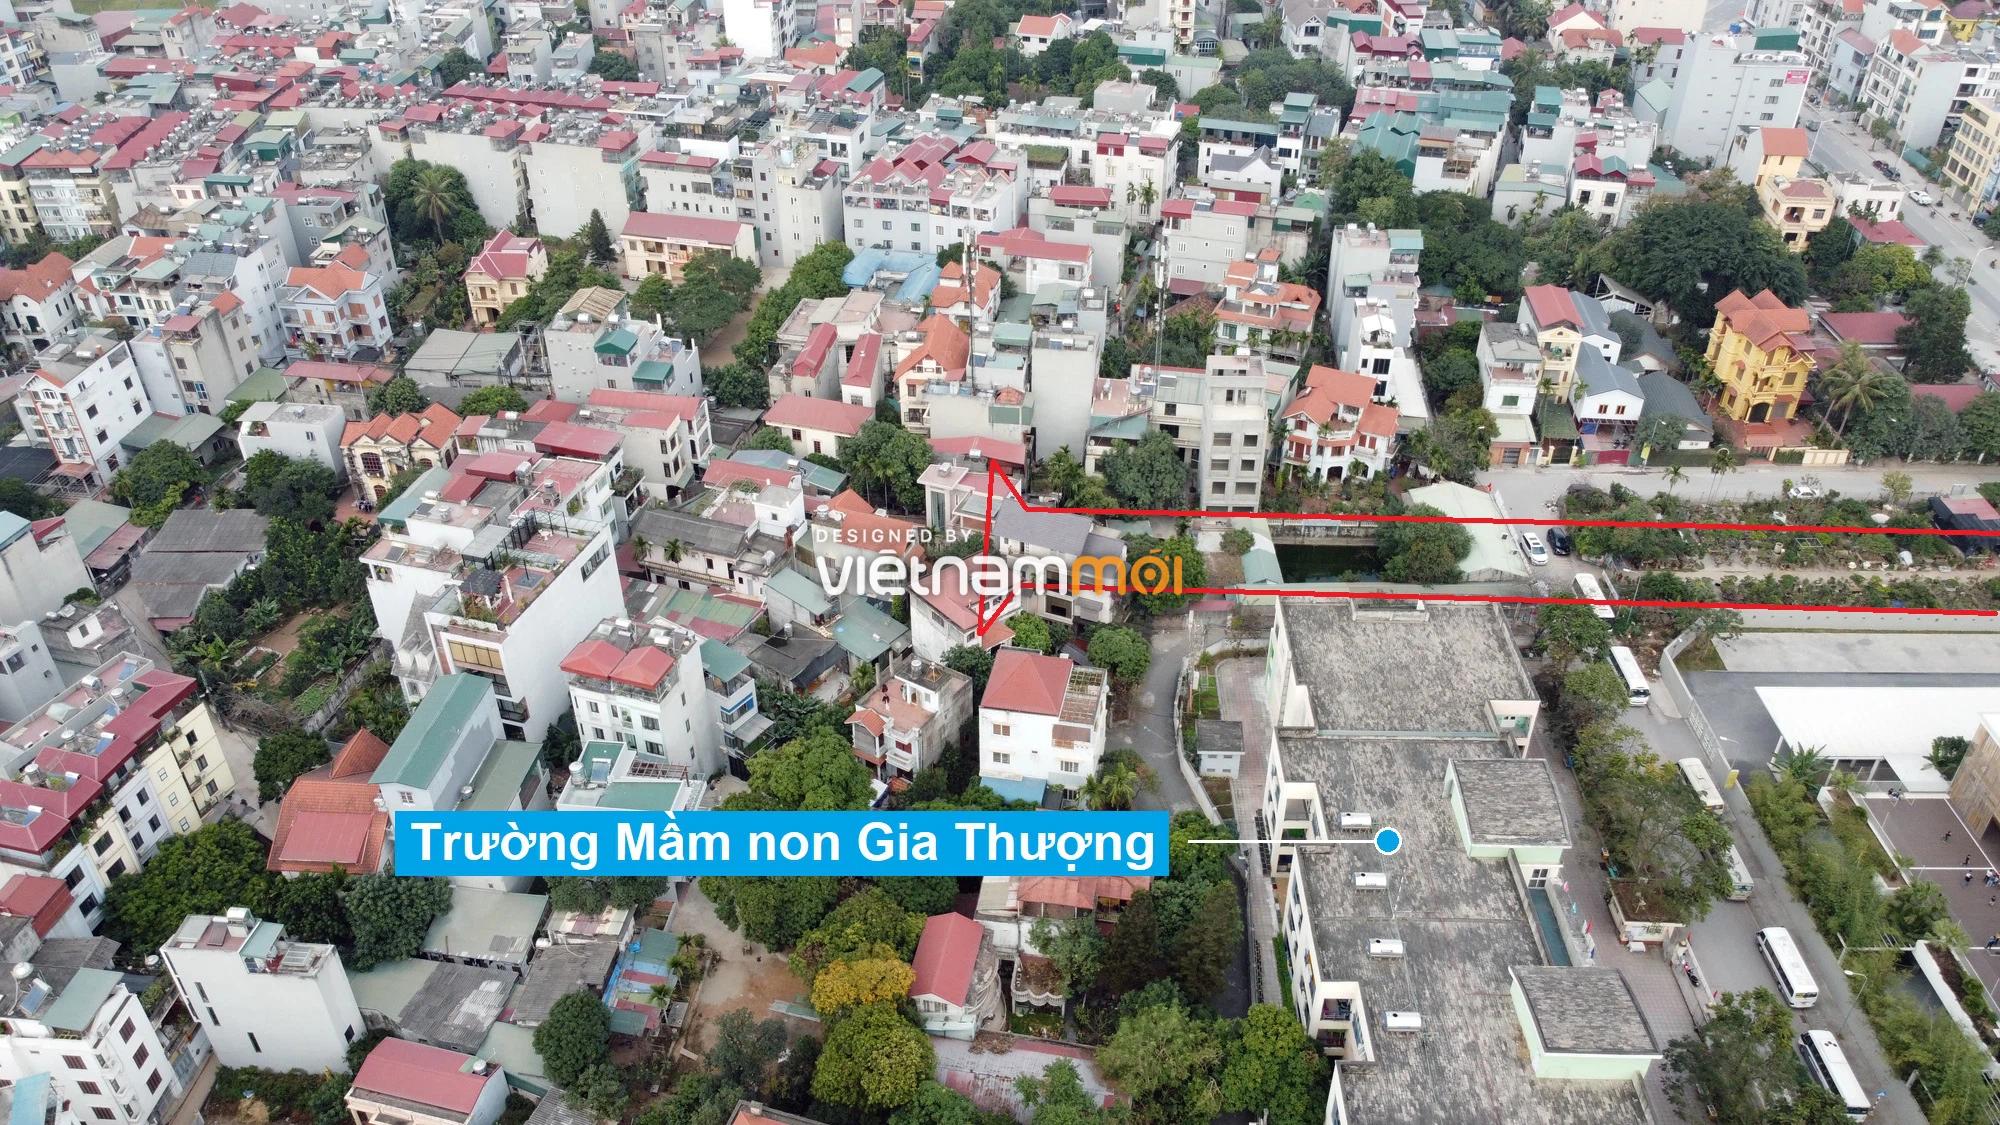 Những khu đất sắp thu hồi để mở đường ở phường Ngọc Thụy, Long Biên, Hà Nội (phần 2) - Ảnh 16.